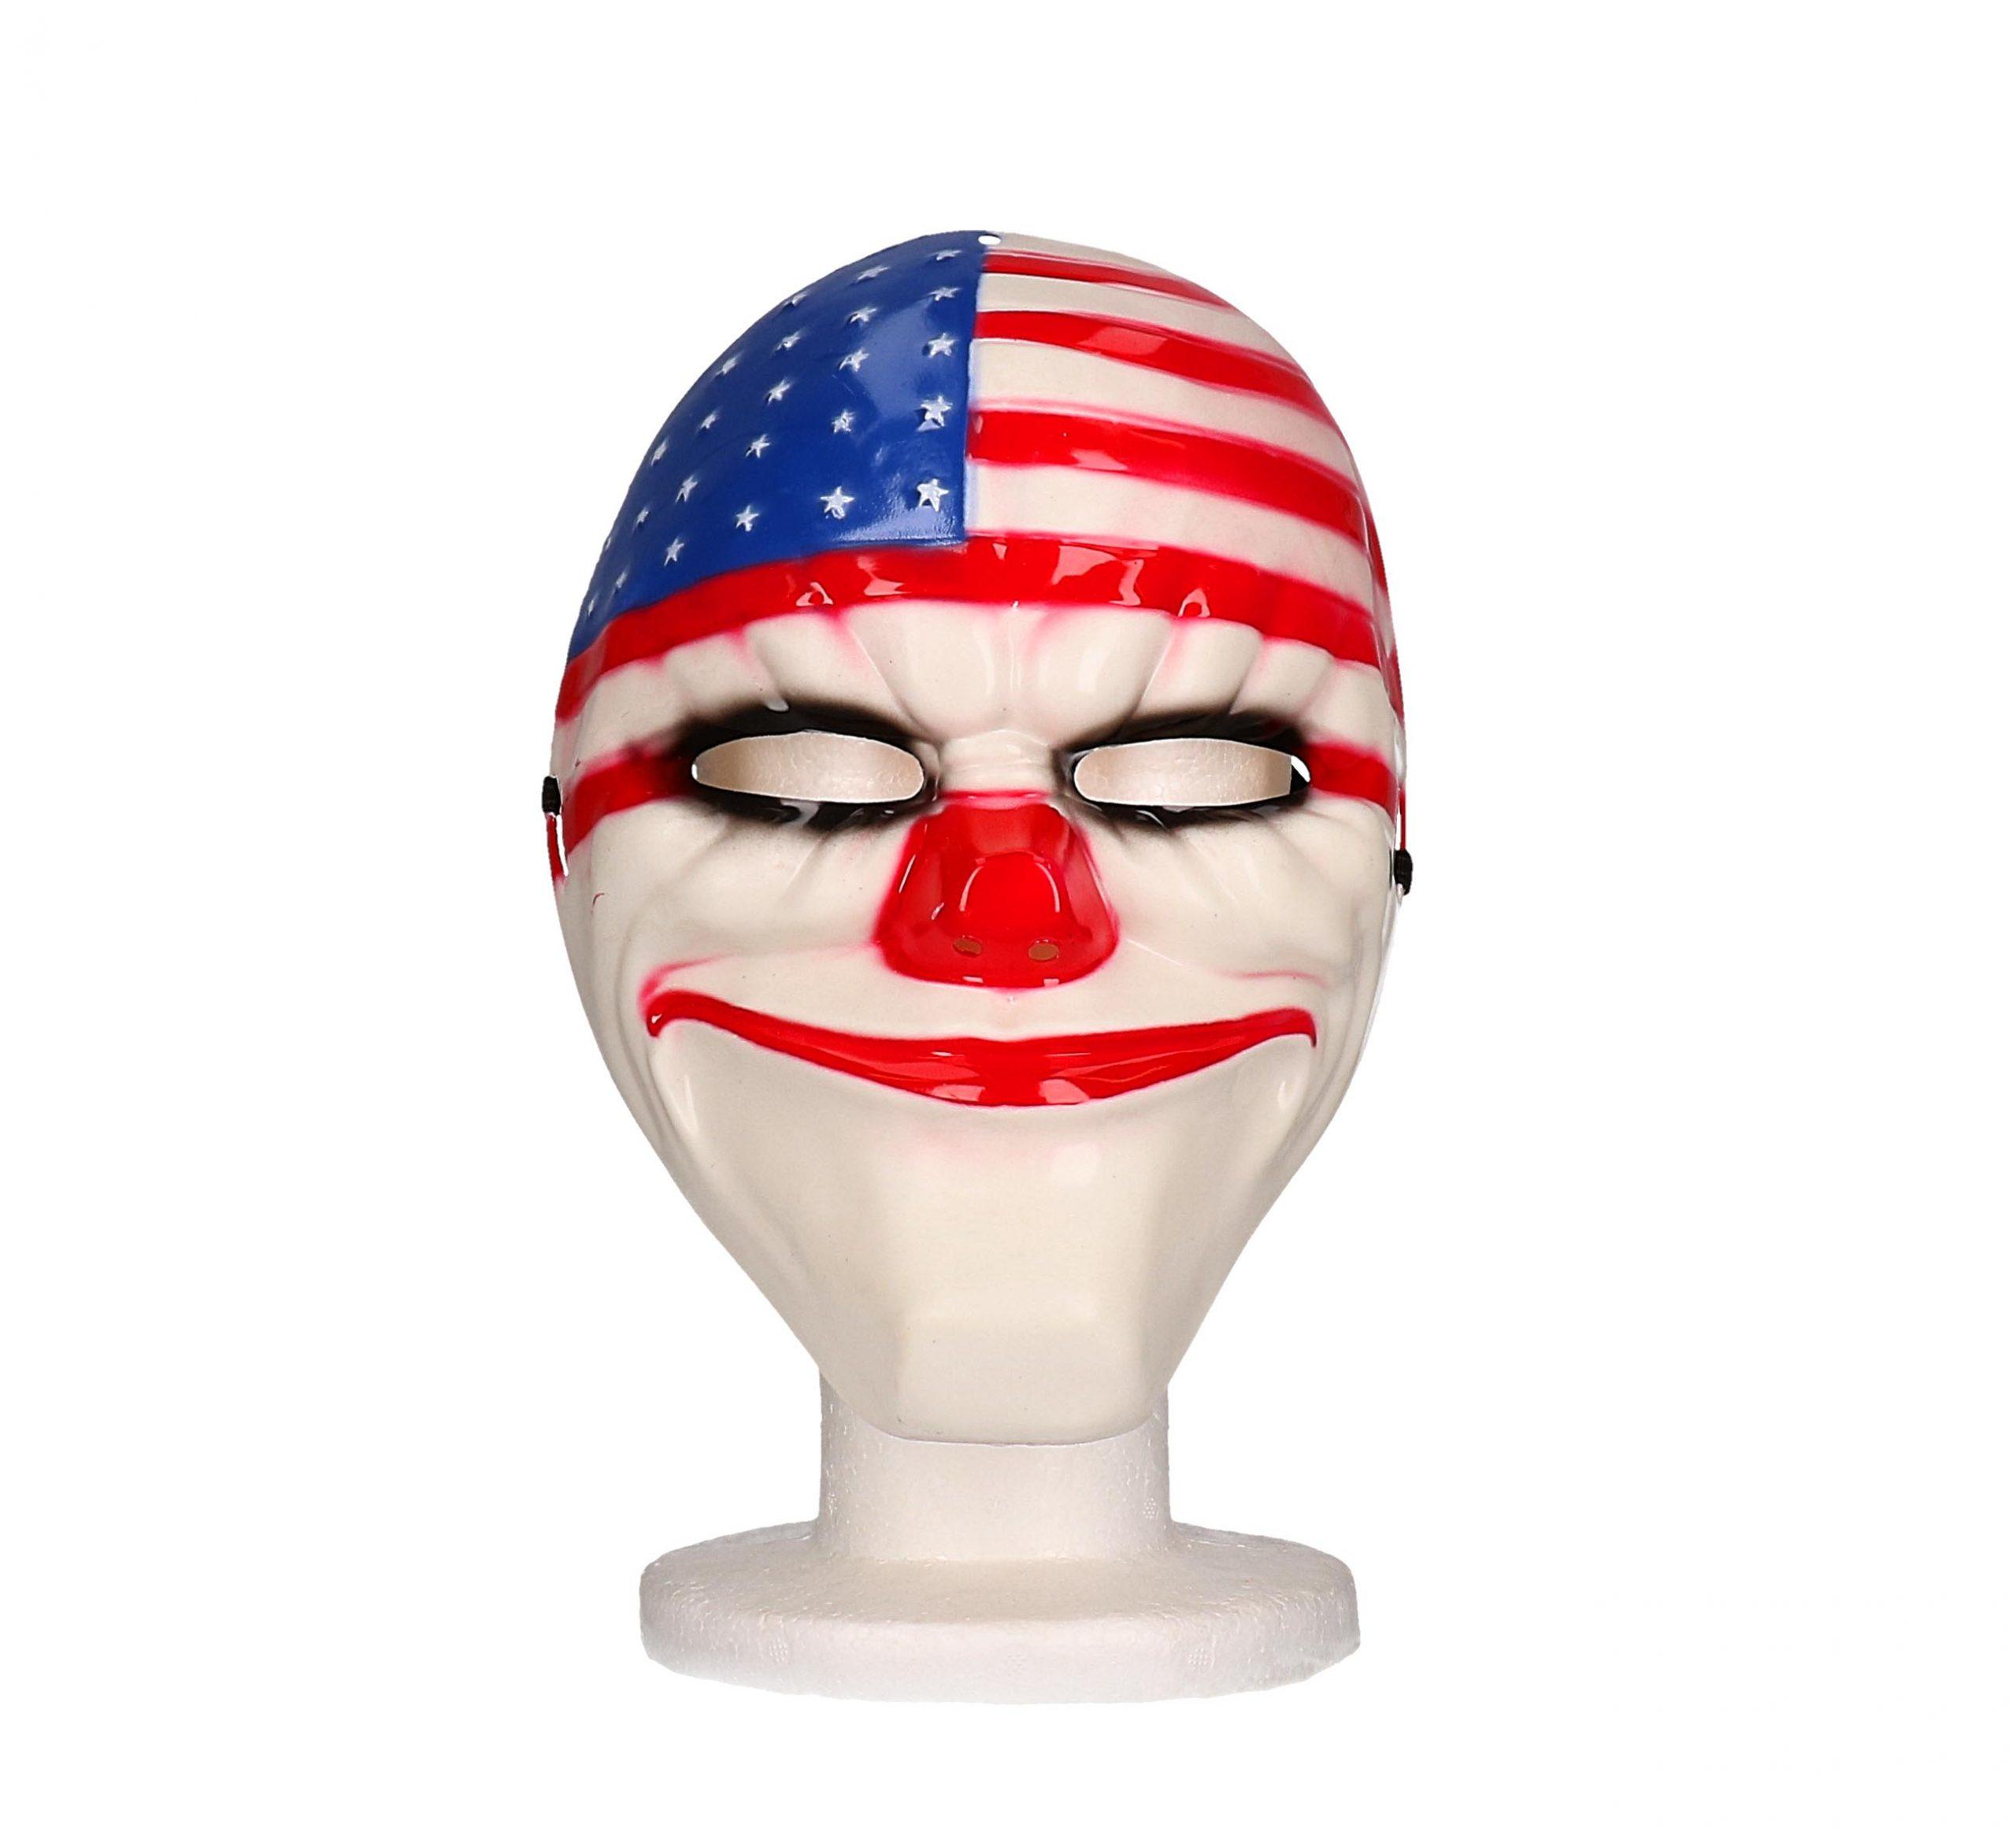 Masker clown usa vlag